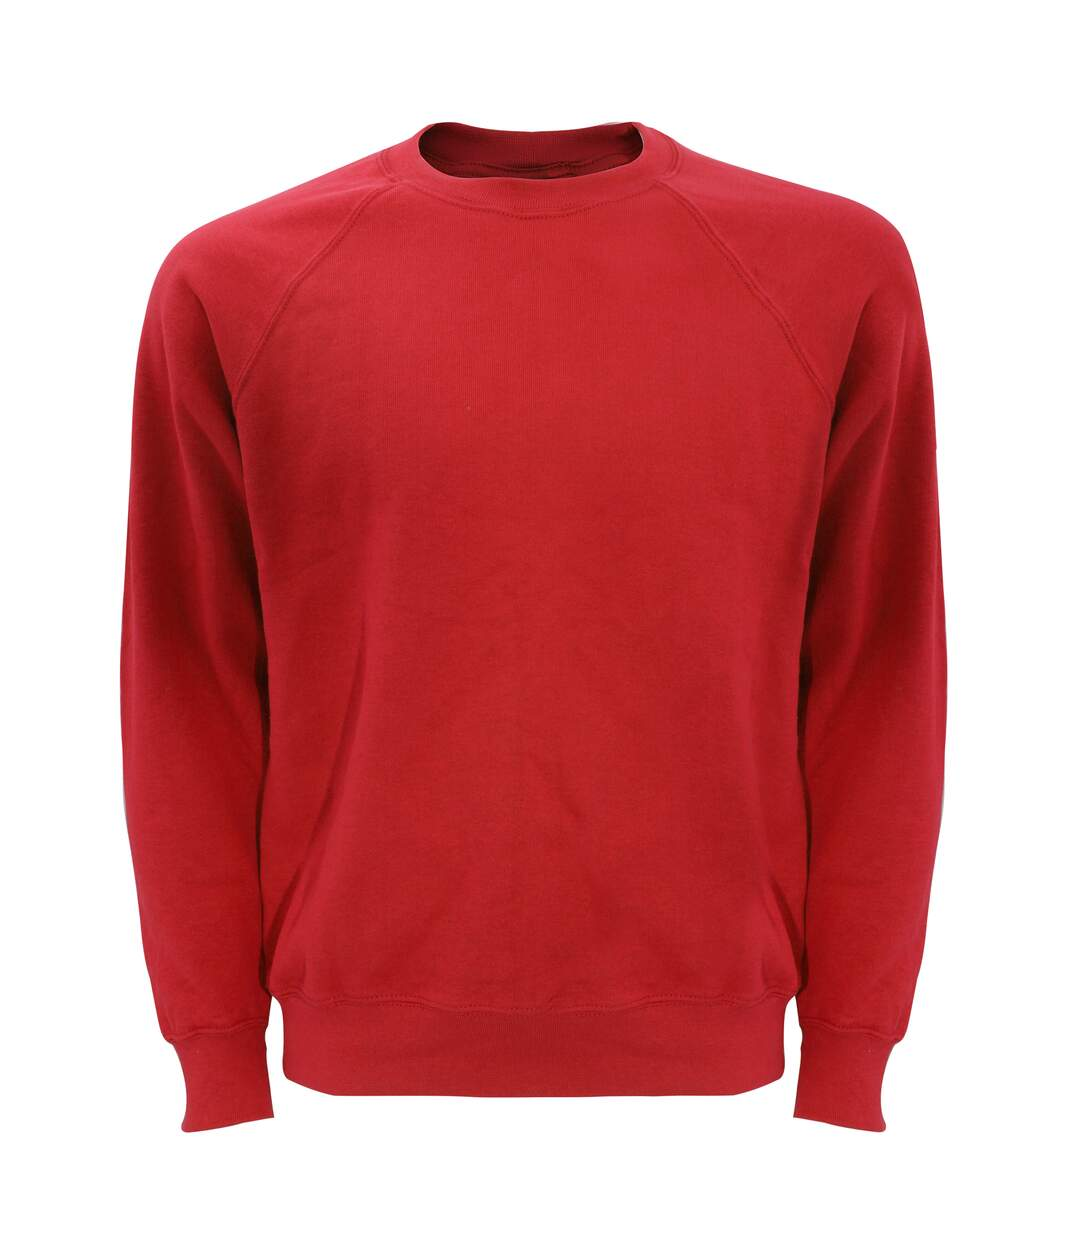 Fruit Of The Loom Mens Raglan Sleeve Belcoro® Sweatshirt (Red) - UTBC368